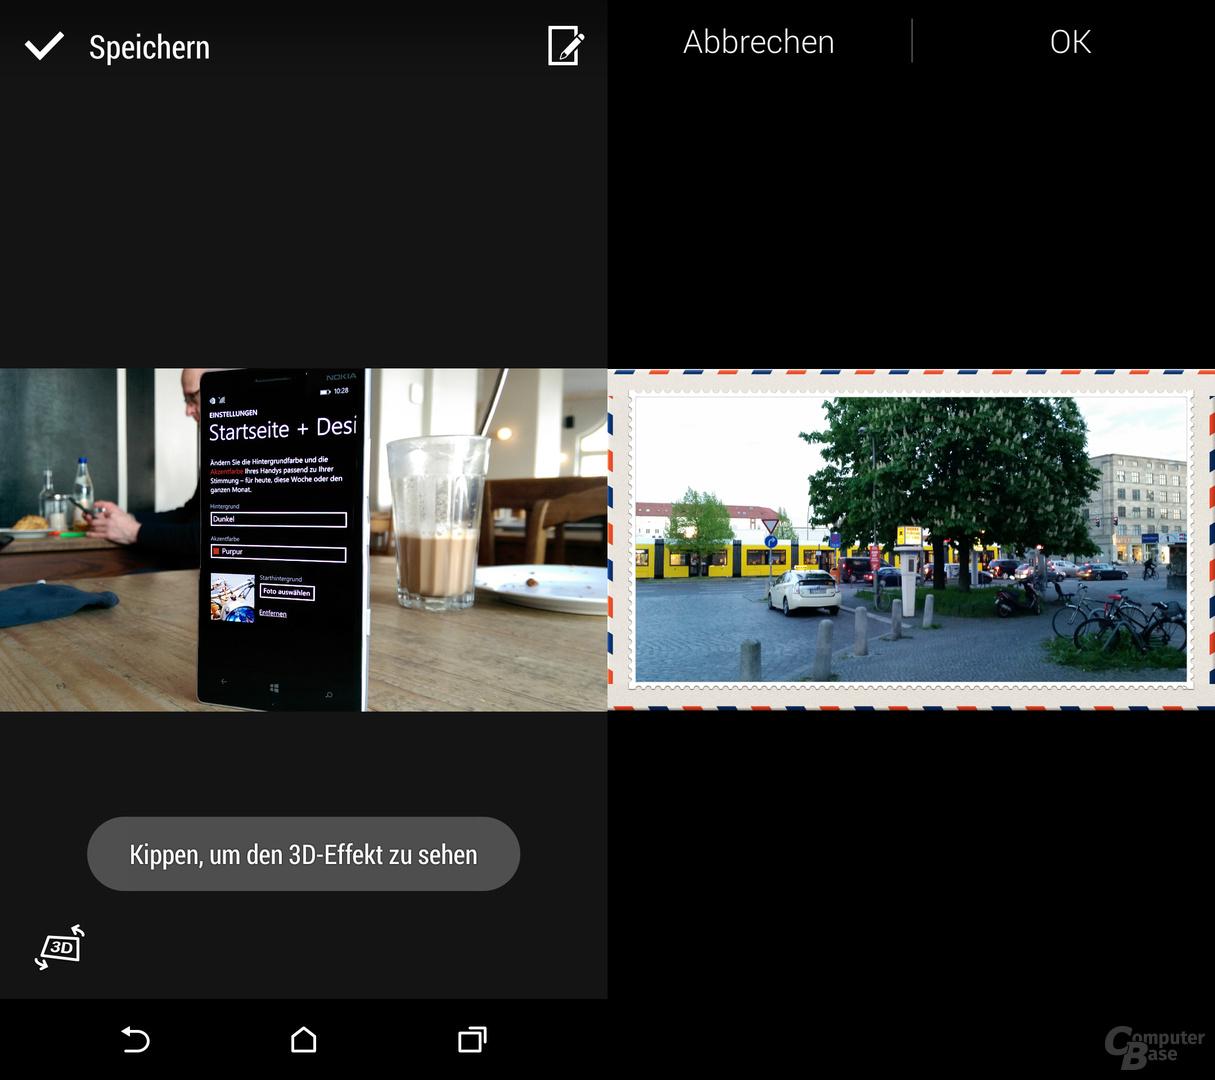 HTC One (M8) & Samsung Galaxy S5: 3D-Effekt und Rahmen